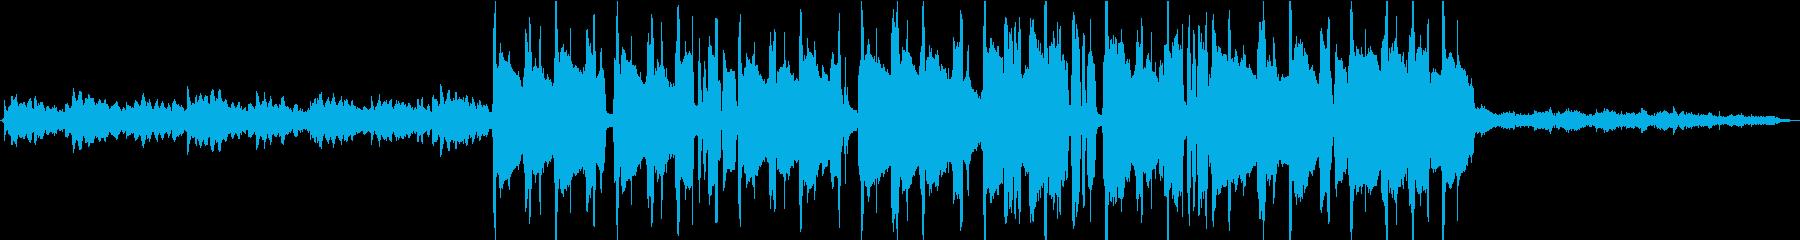 朧気・切ない・lofi hiphop④の再生済みの波形